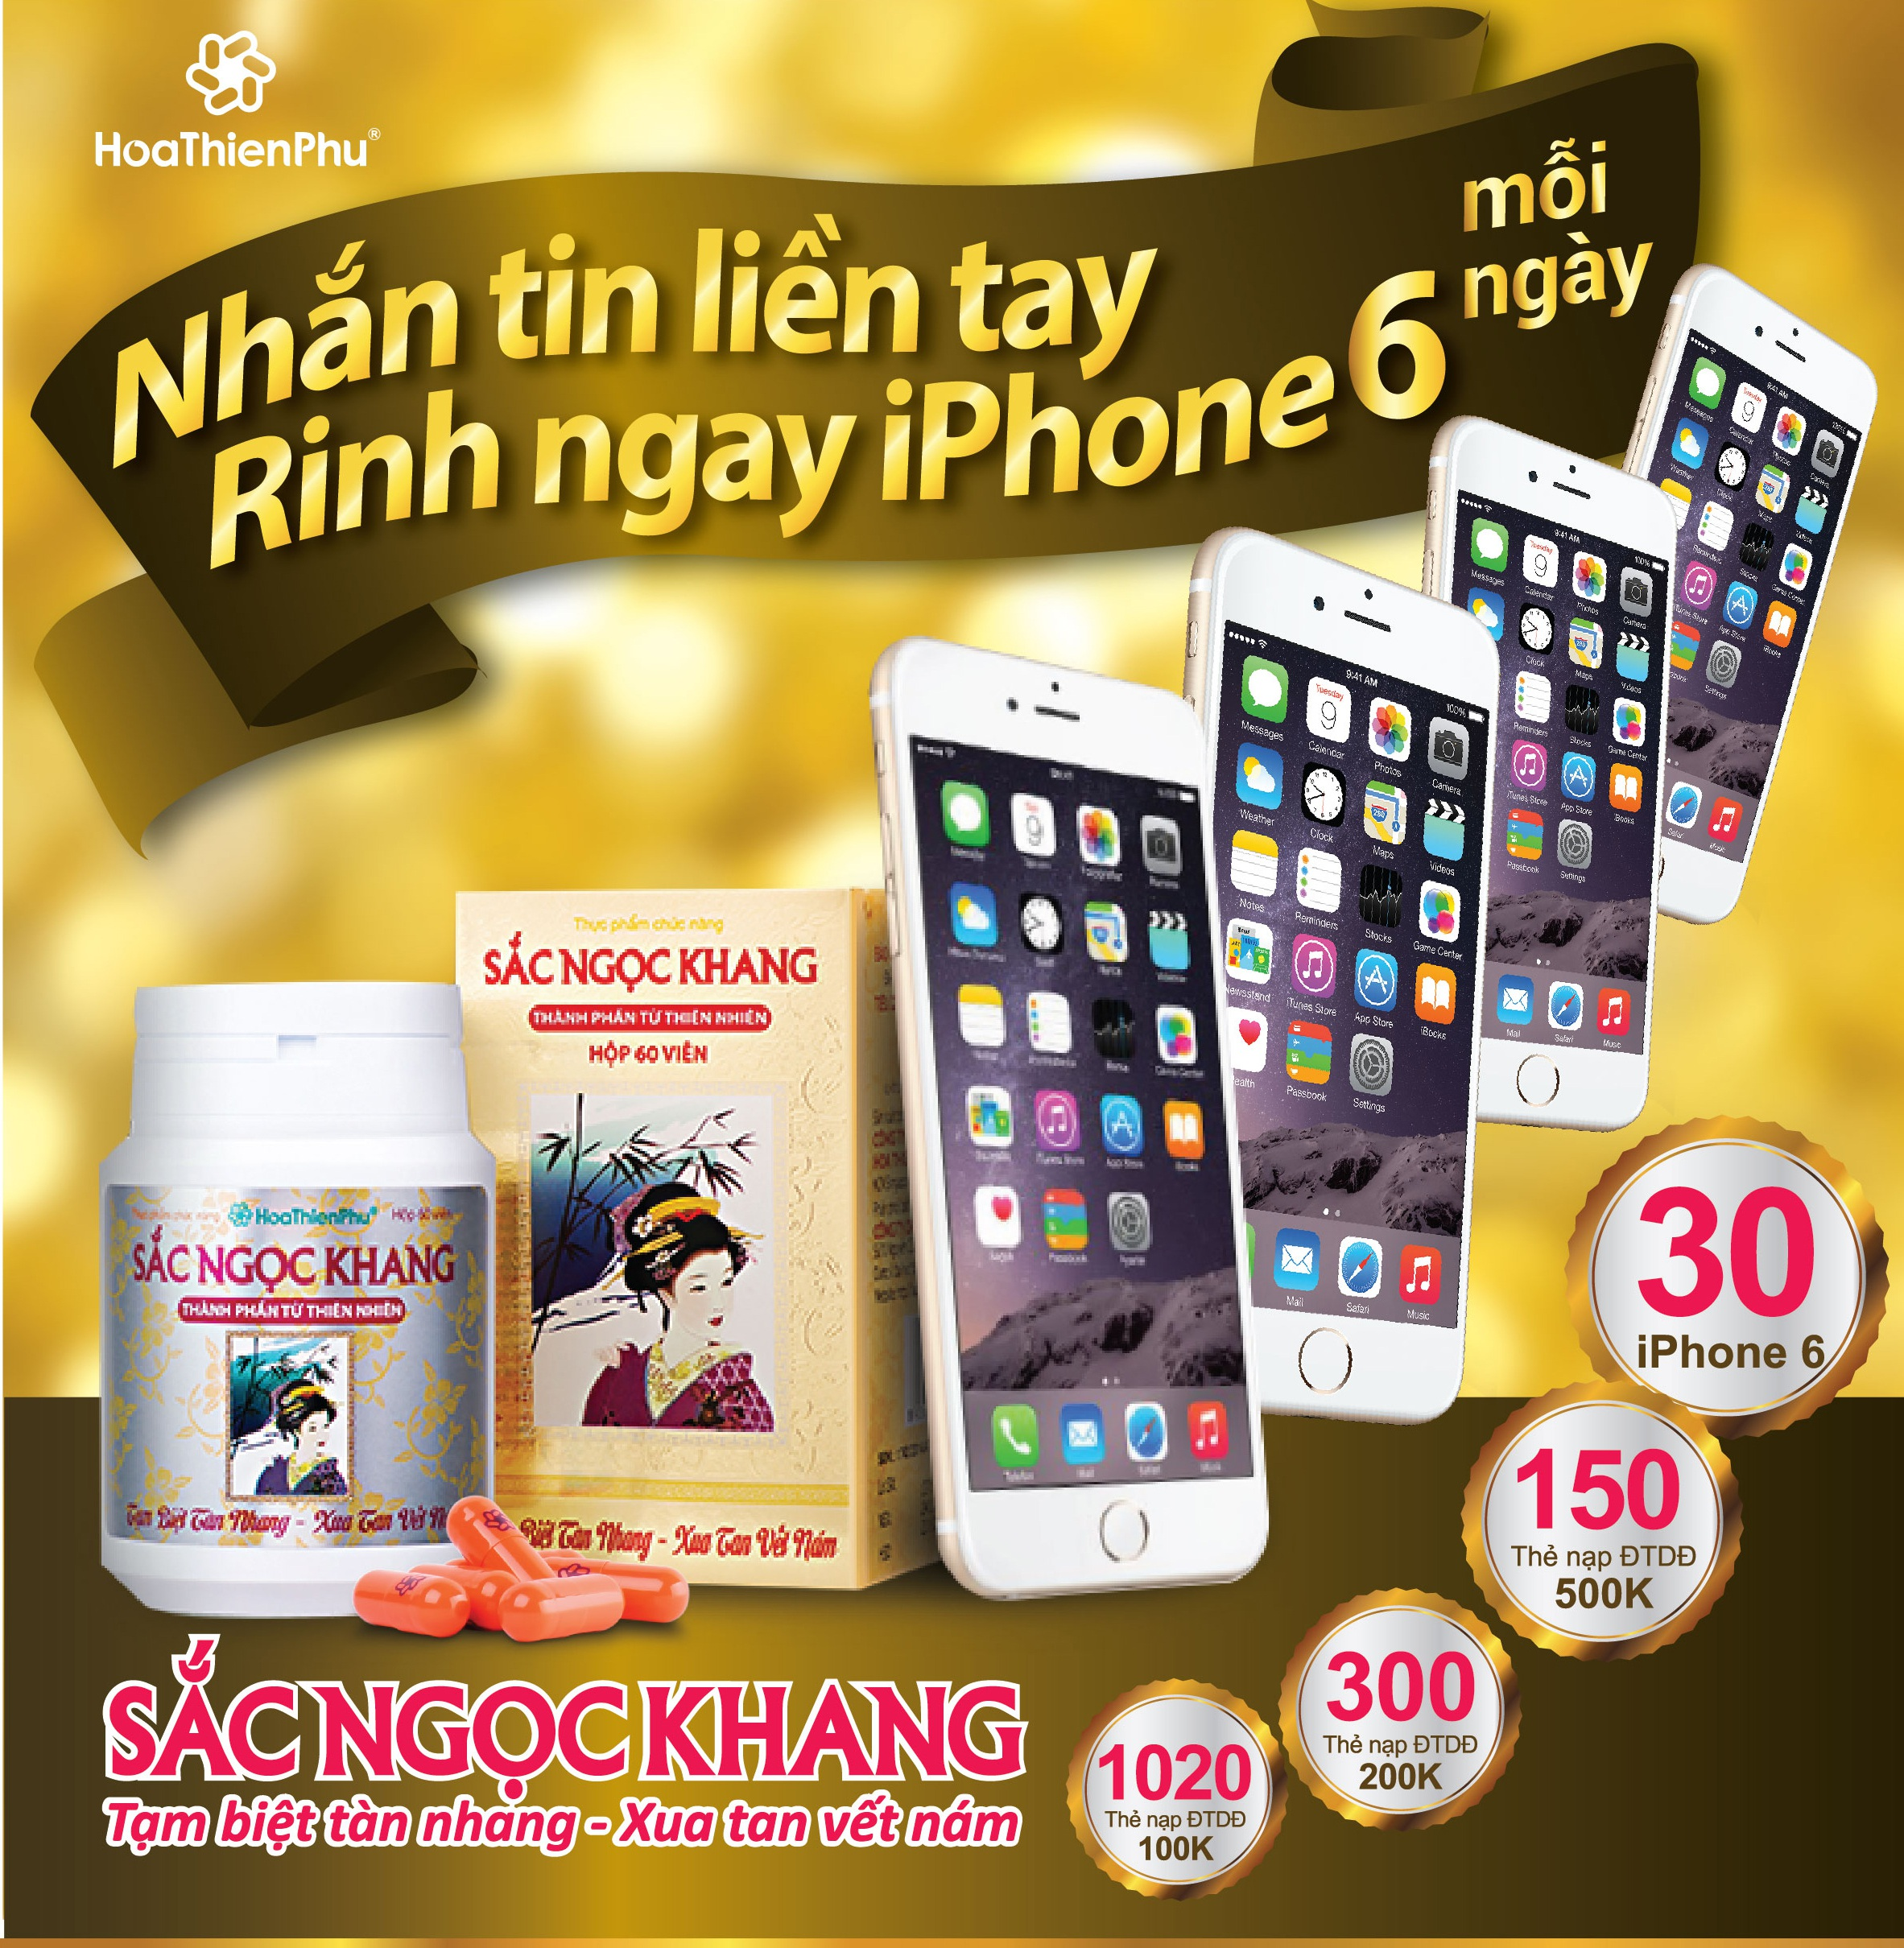 Tham gia chương trình để có cơ hội rinh iPhone 6 cùng Sắc Ngọc Khang